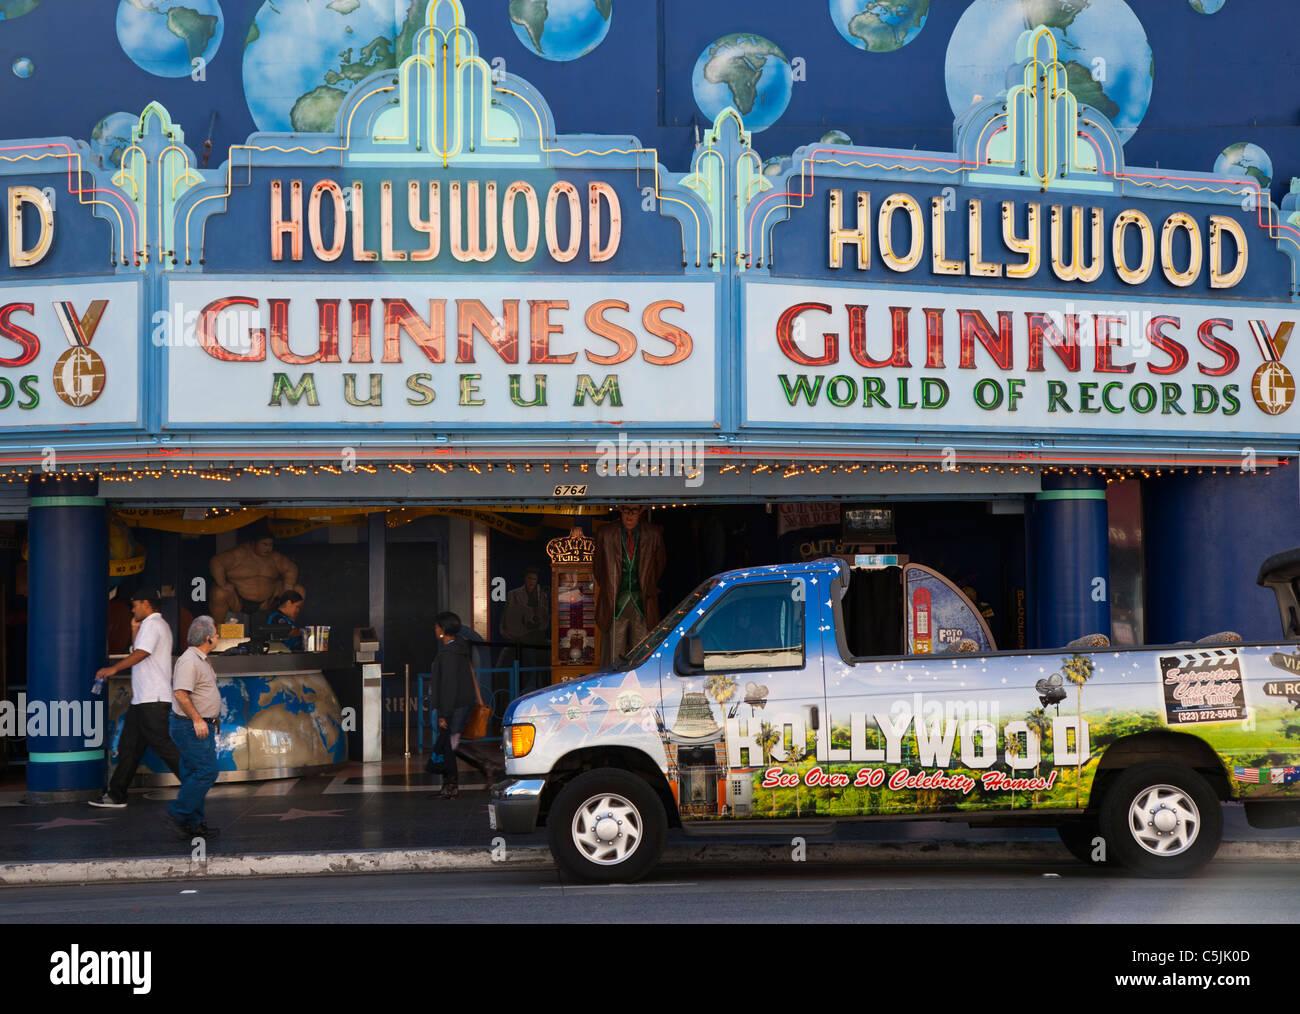 Guinness Museum in Hollywood, Los Angeles, Kalifornien, USA Stockbild